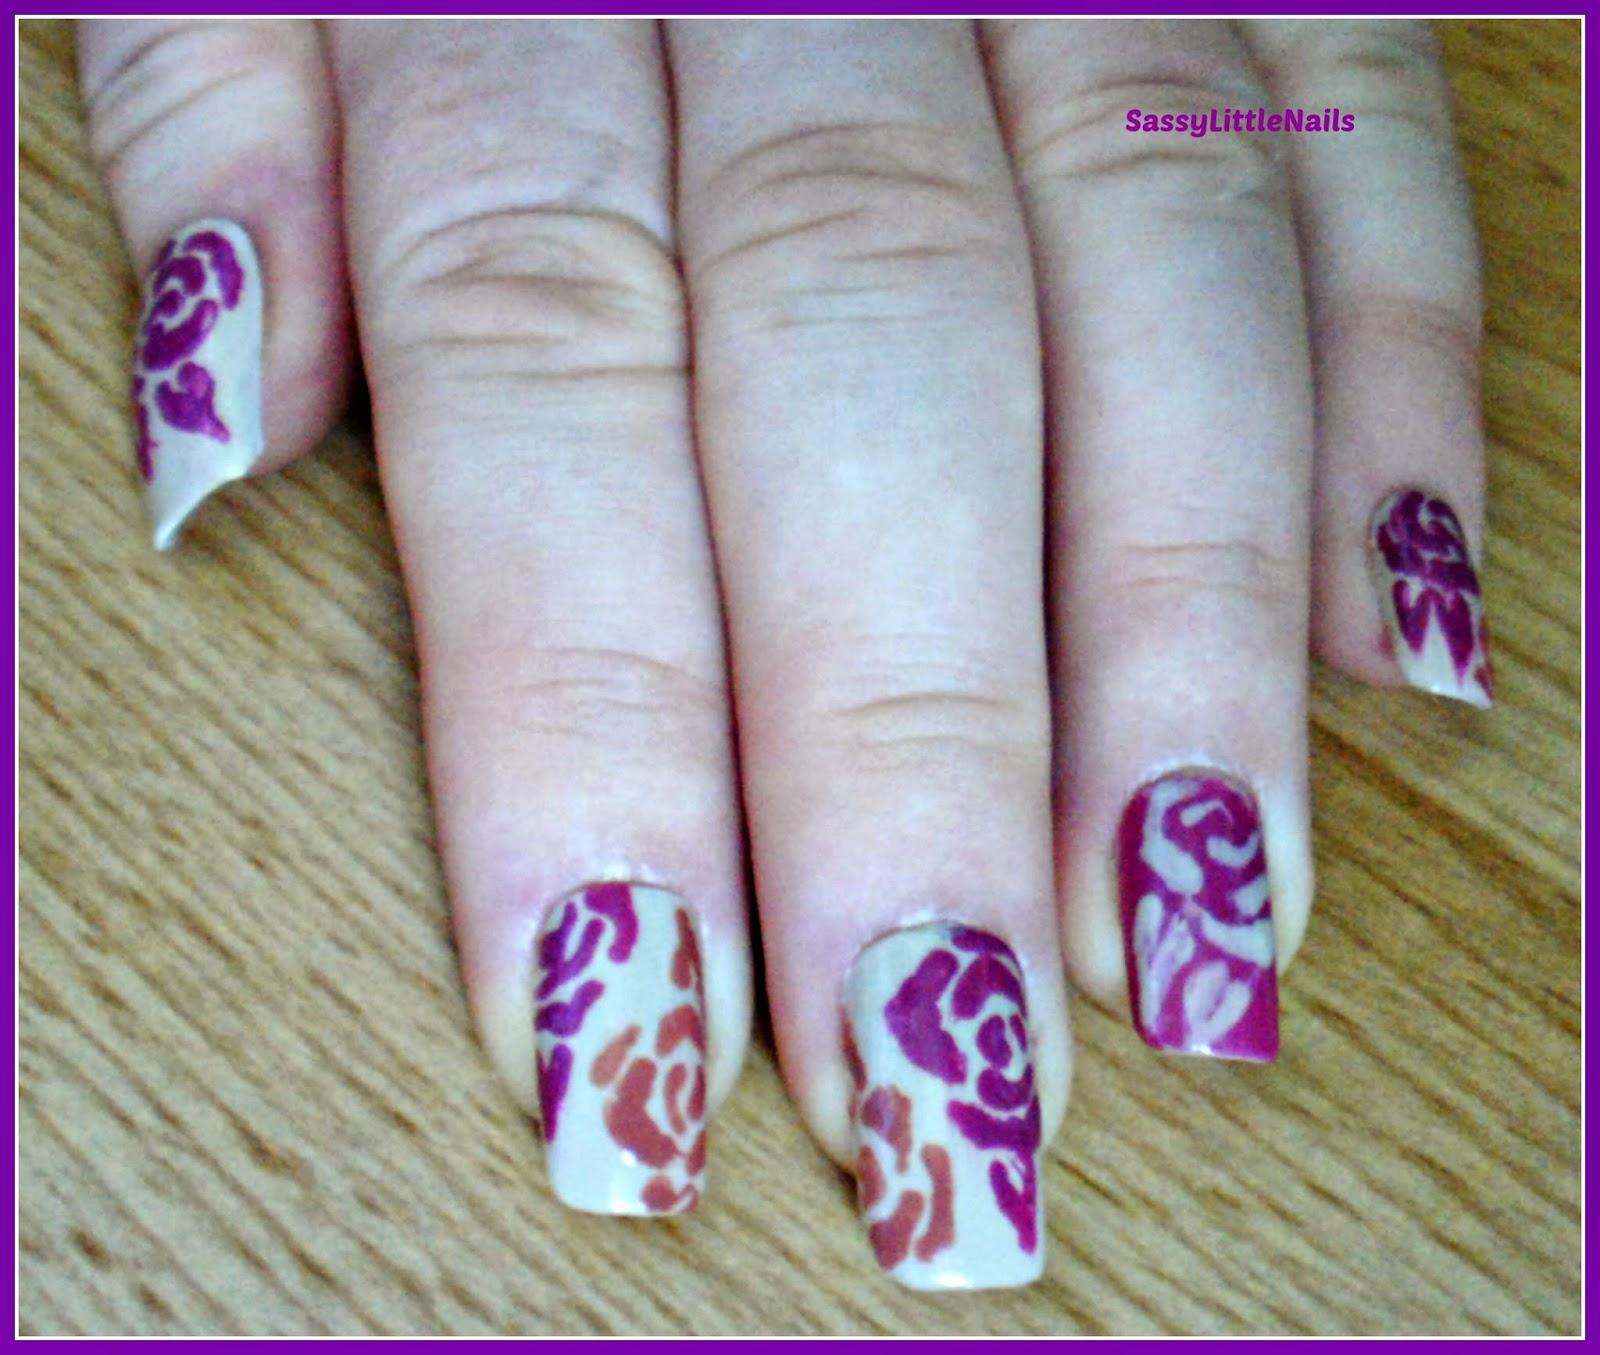 Holiday Nails Jlt: SassyLittleNails: Benecos Natural Nail Polishes Review